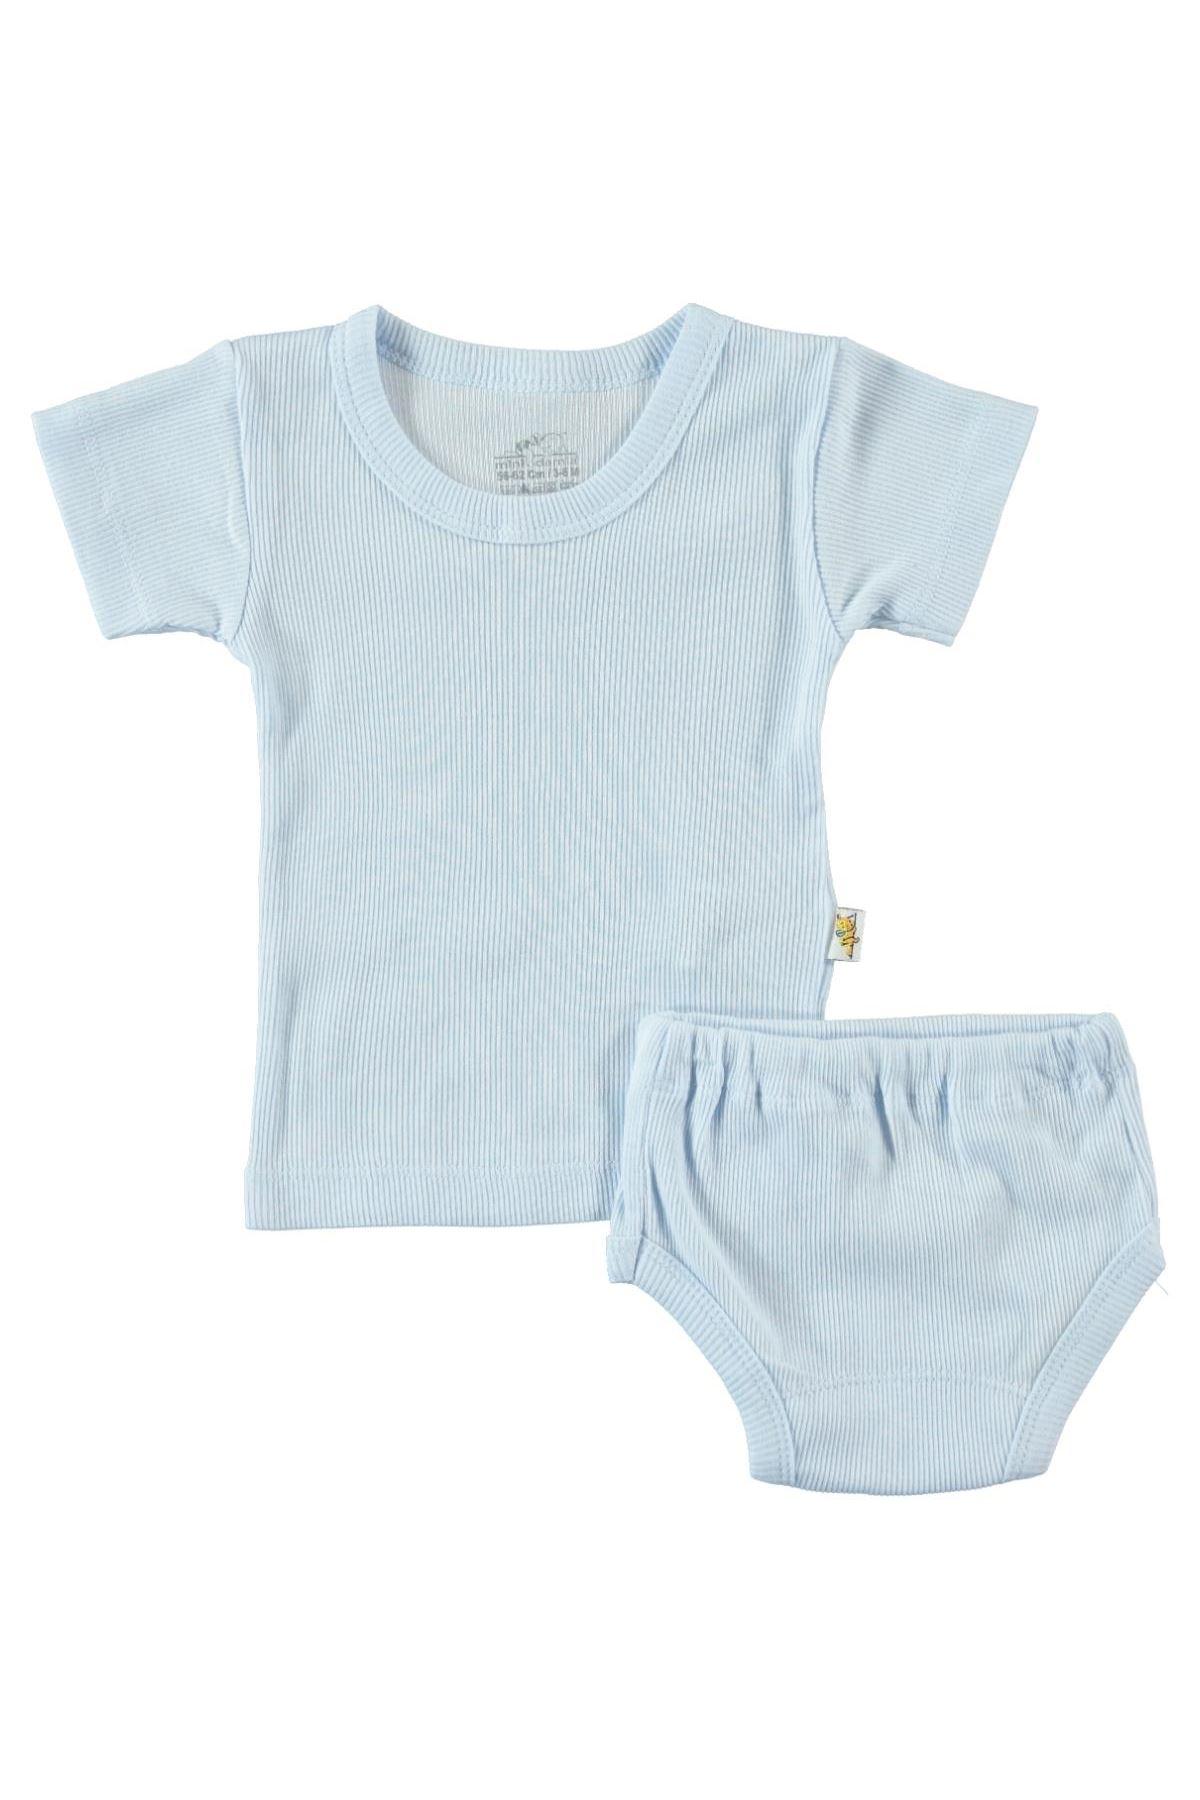 Albimini Minidamla Kaşkorse Bebe Kısa Kol Çamaşır Takımı 42769 Mavi